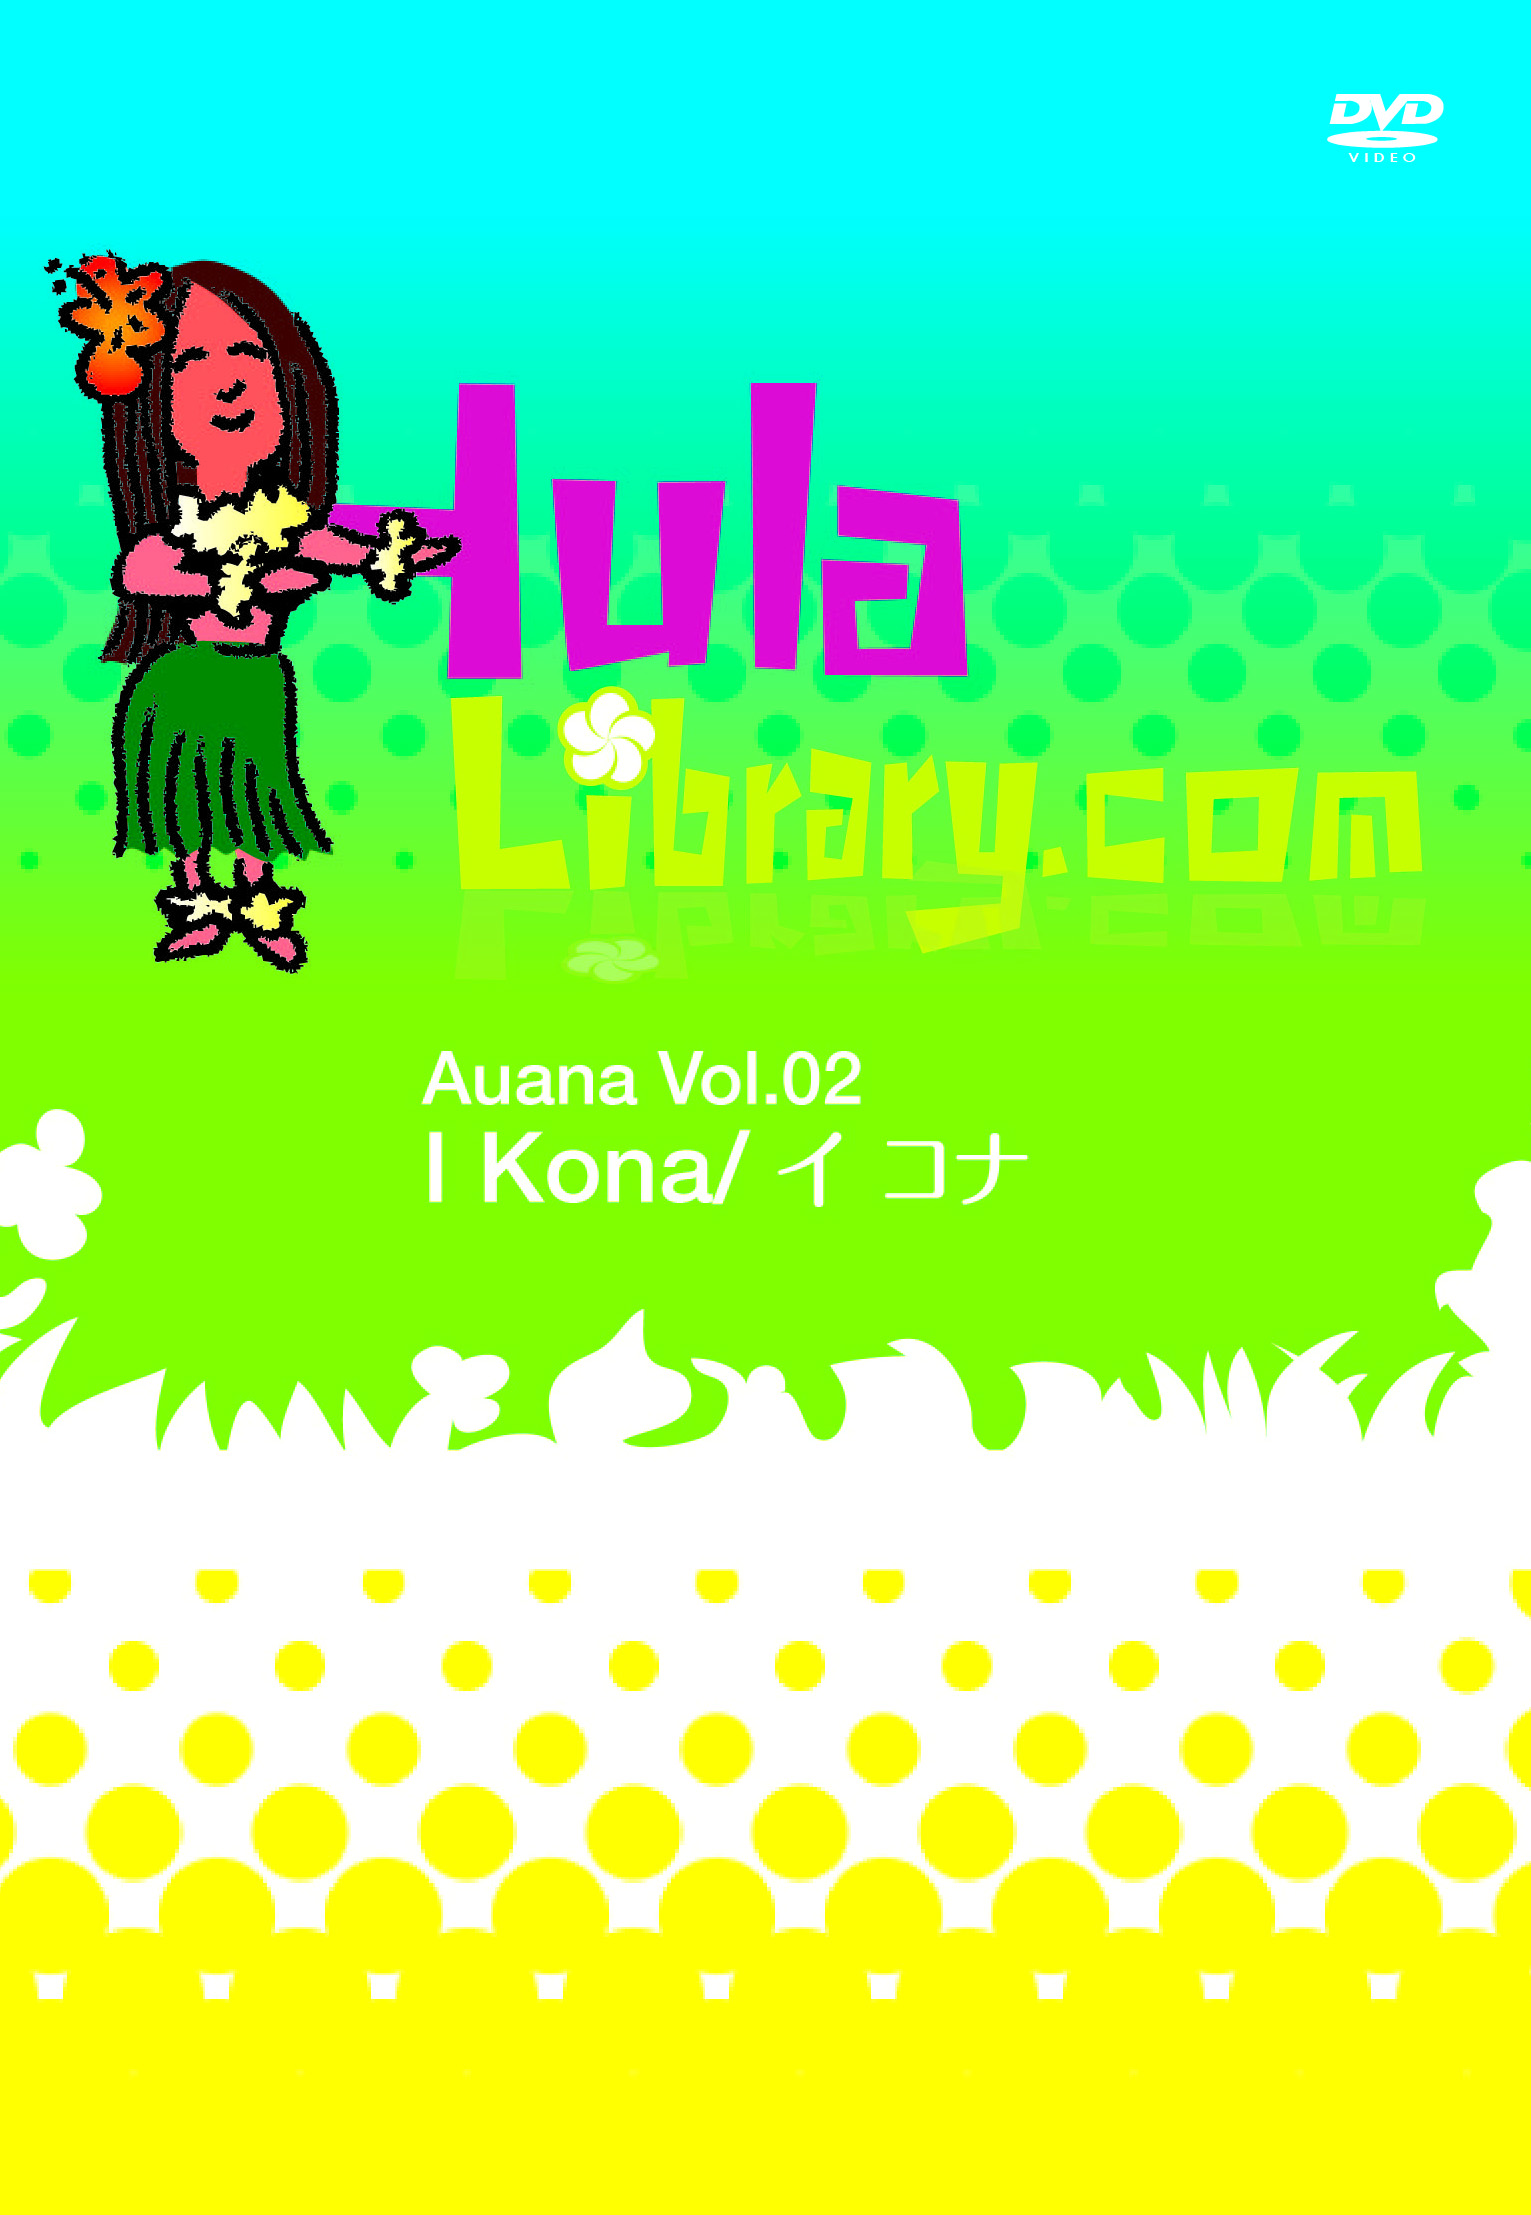 フラライブラリーDVD Vol.2 I Kona/イ コナ